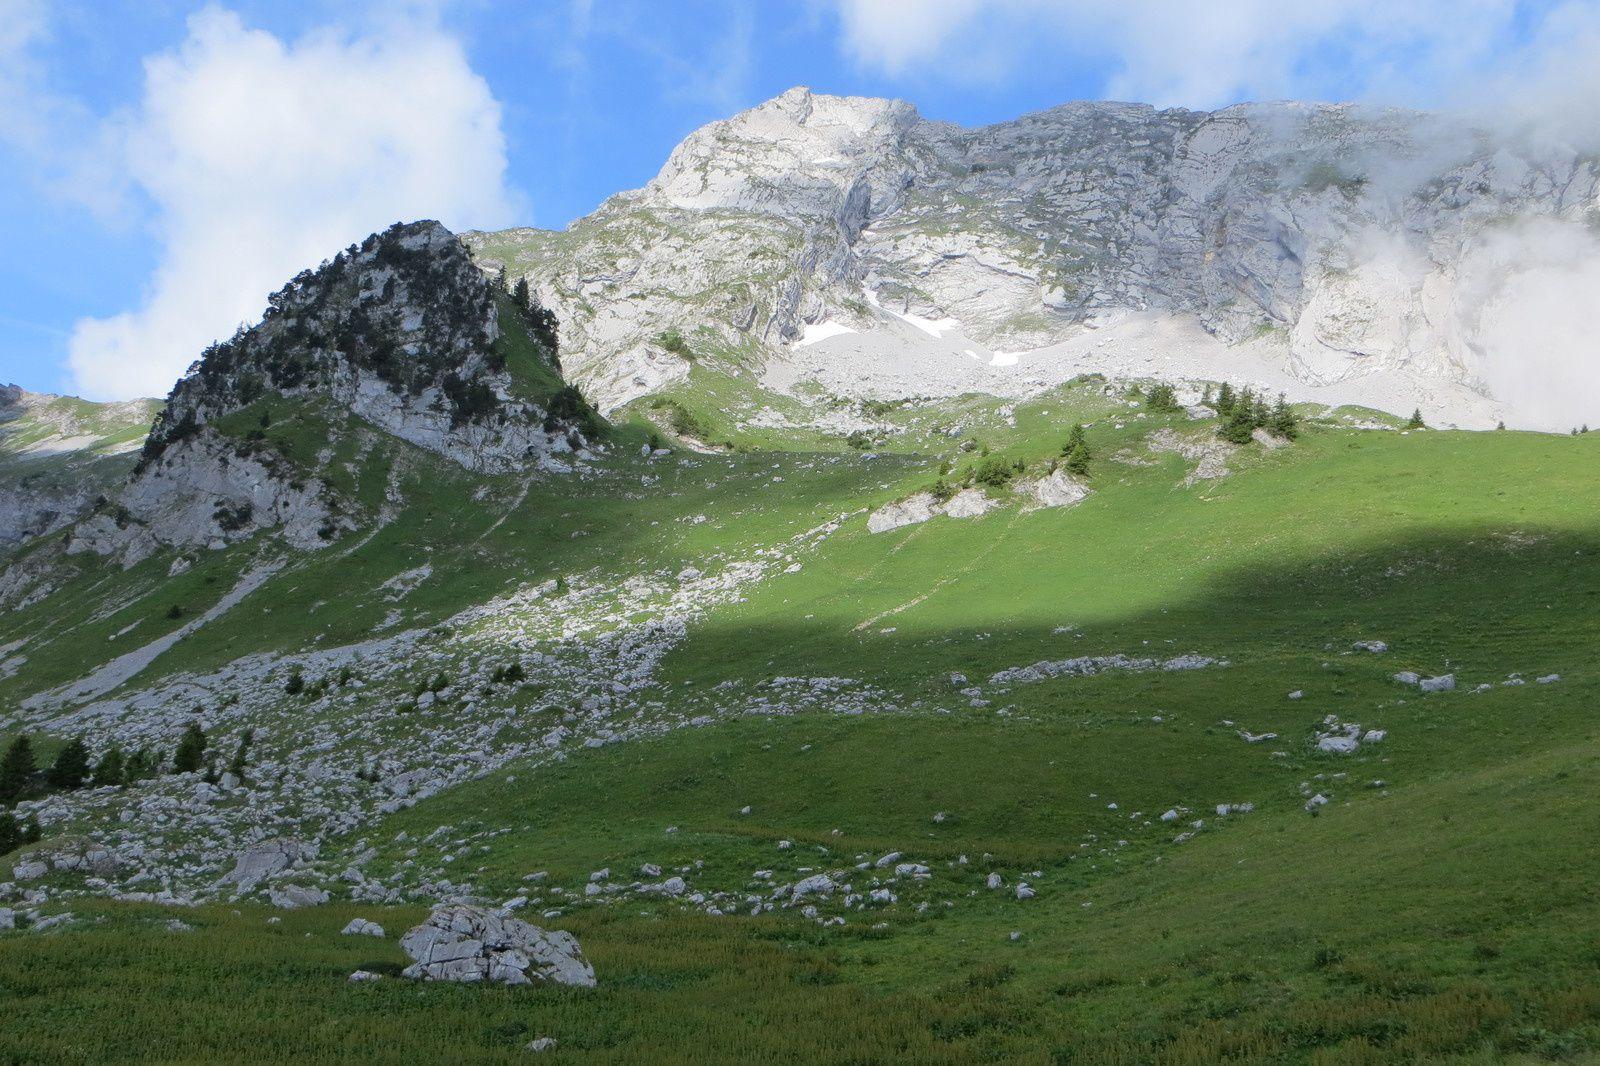 Randonnée Montagne - Pointe d'Arcalod (Bauges)